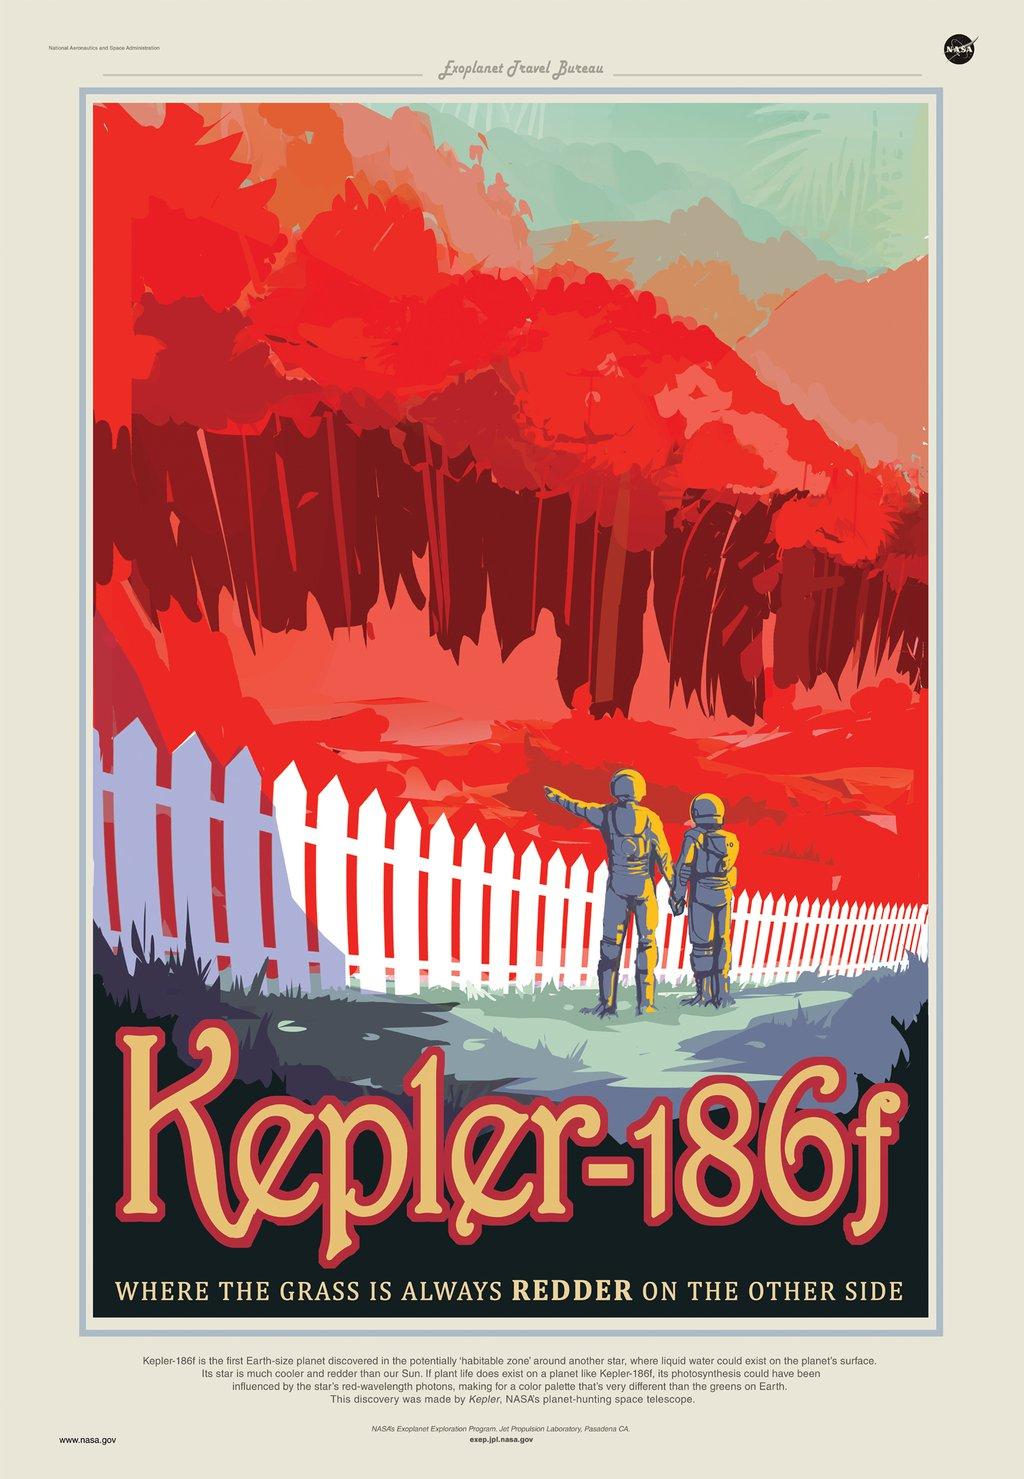 Kepler-186 f - Where the Grass is Always Redder